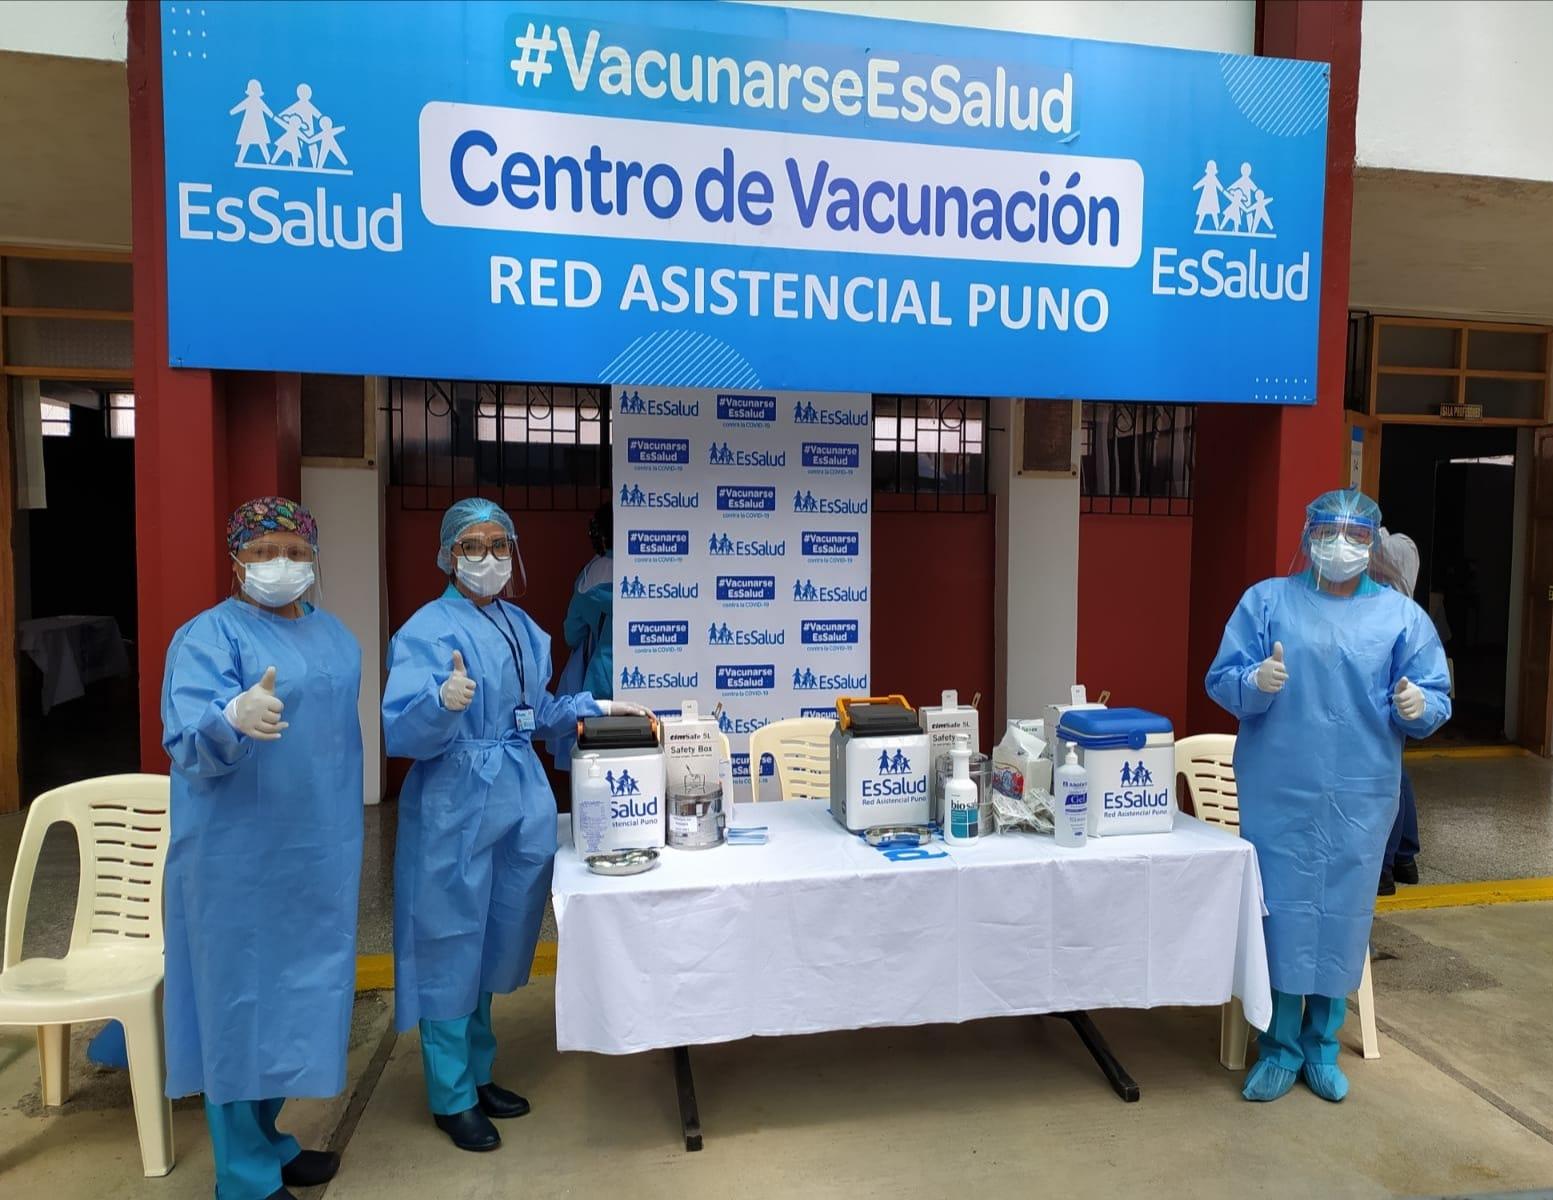 Essalud - EsSalud Puno inició la jornada de vacunación contra Covid-19